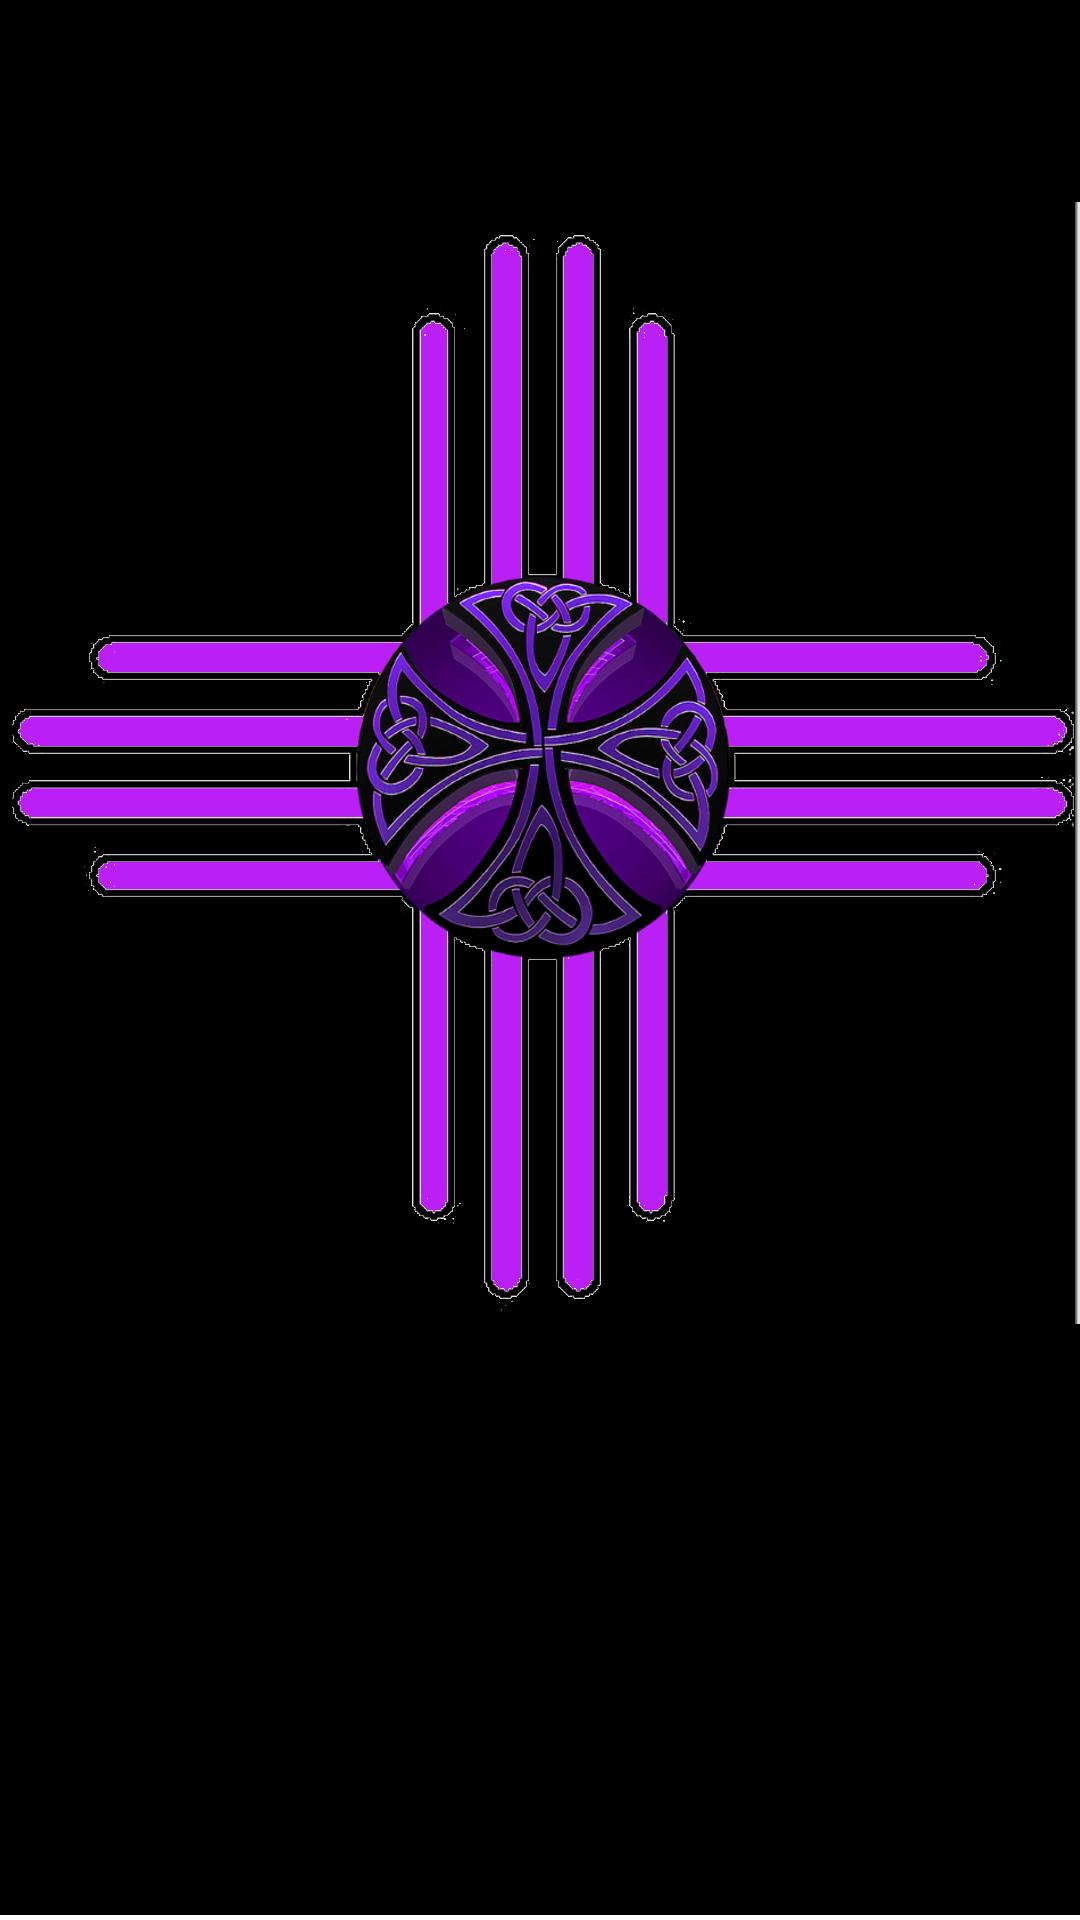 Native American Zia Purple Neon Celtic Cross New Mexico Tattoo Mexico Tattoo New Mexico